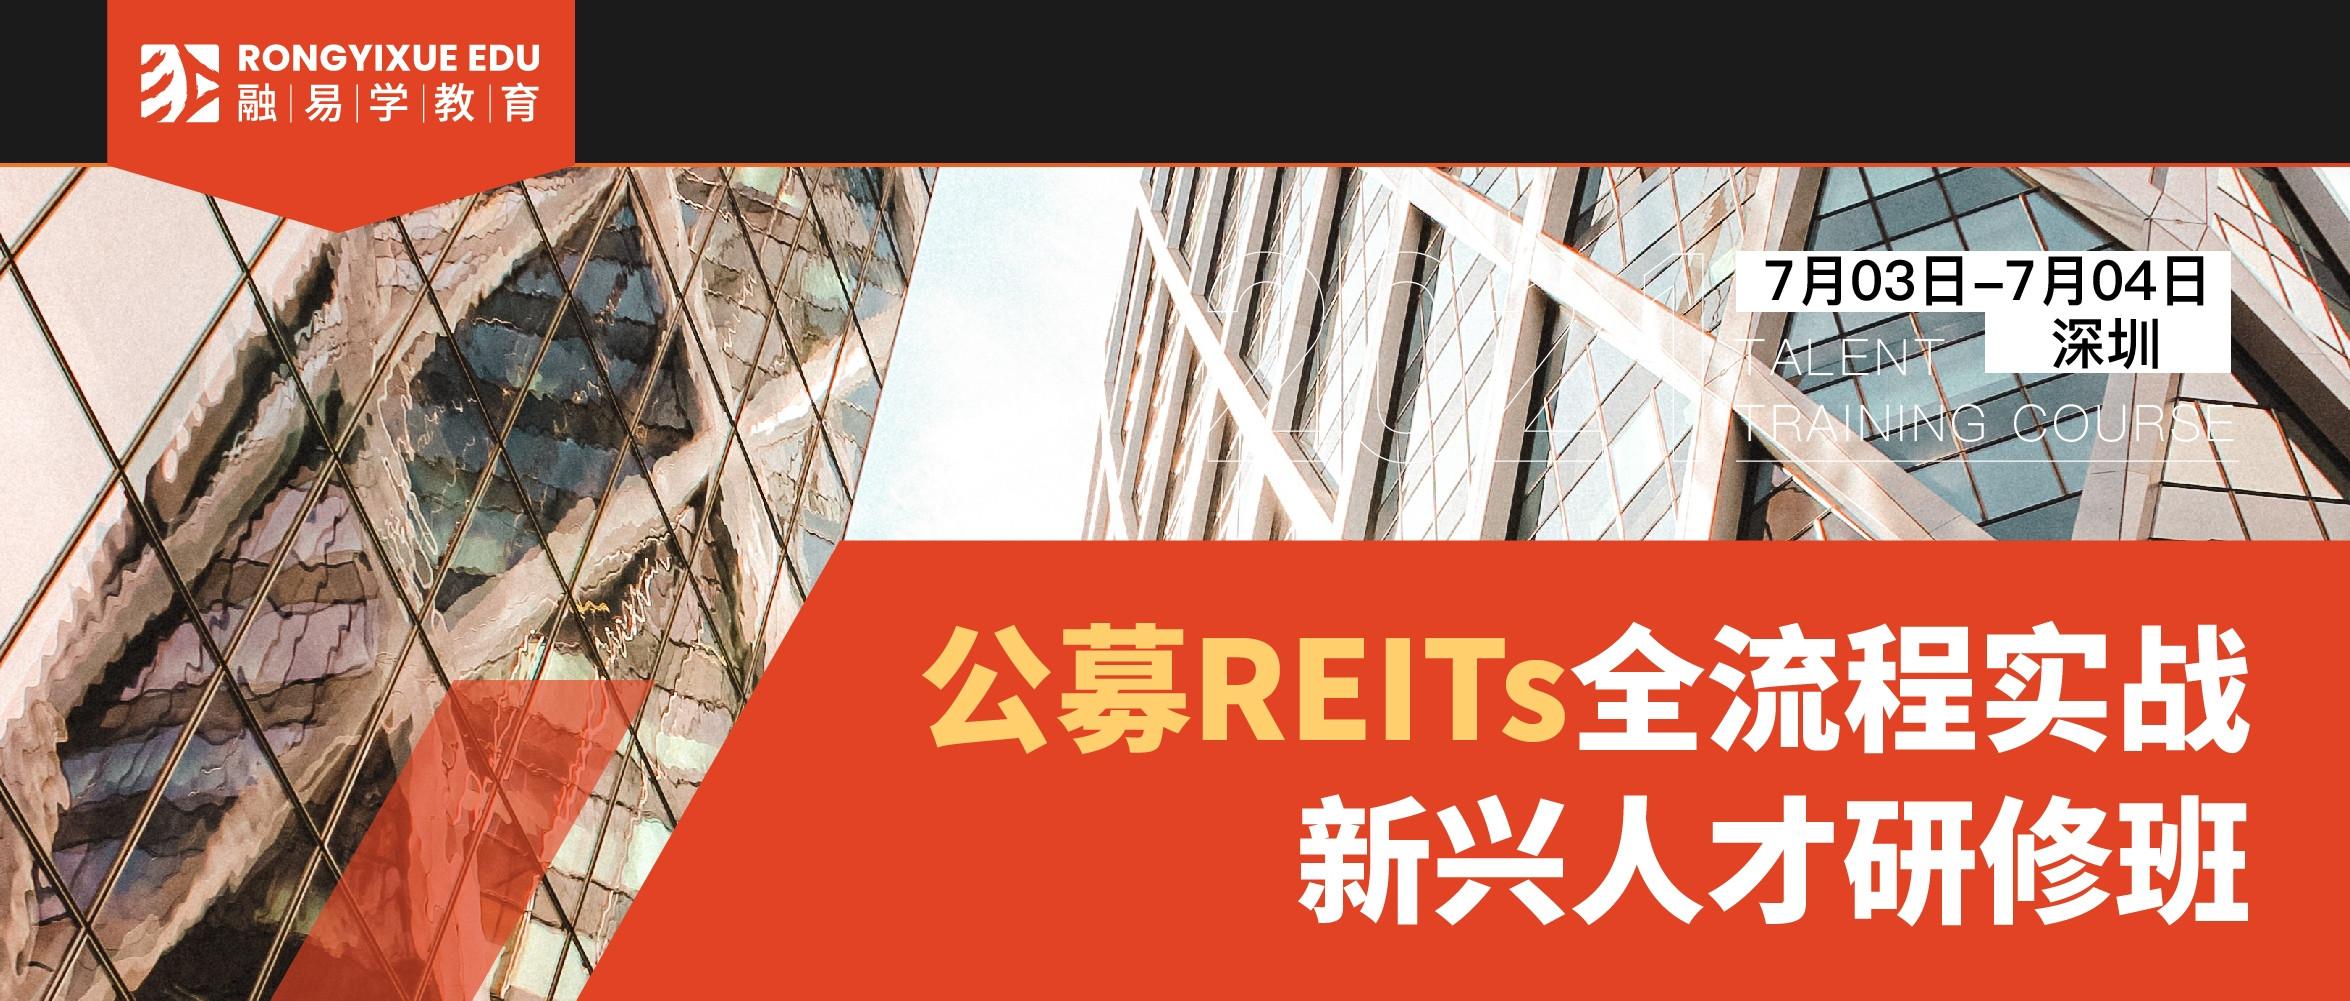 2021公募REITs全流程实战新兴人才研修班